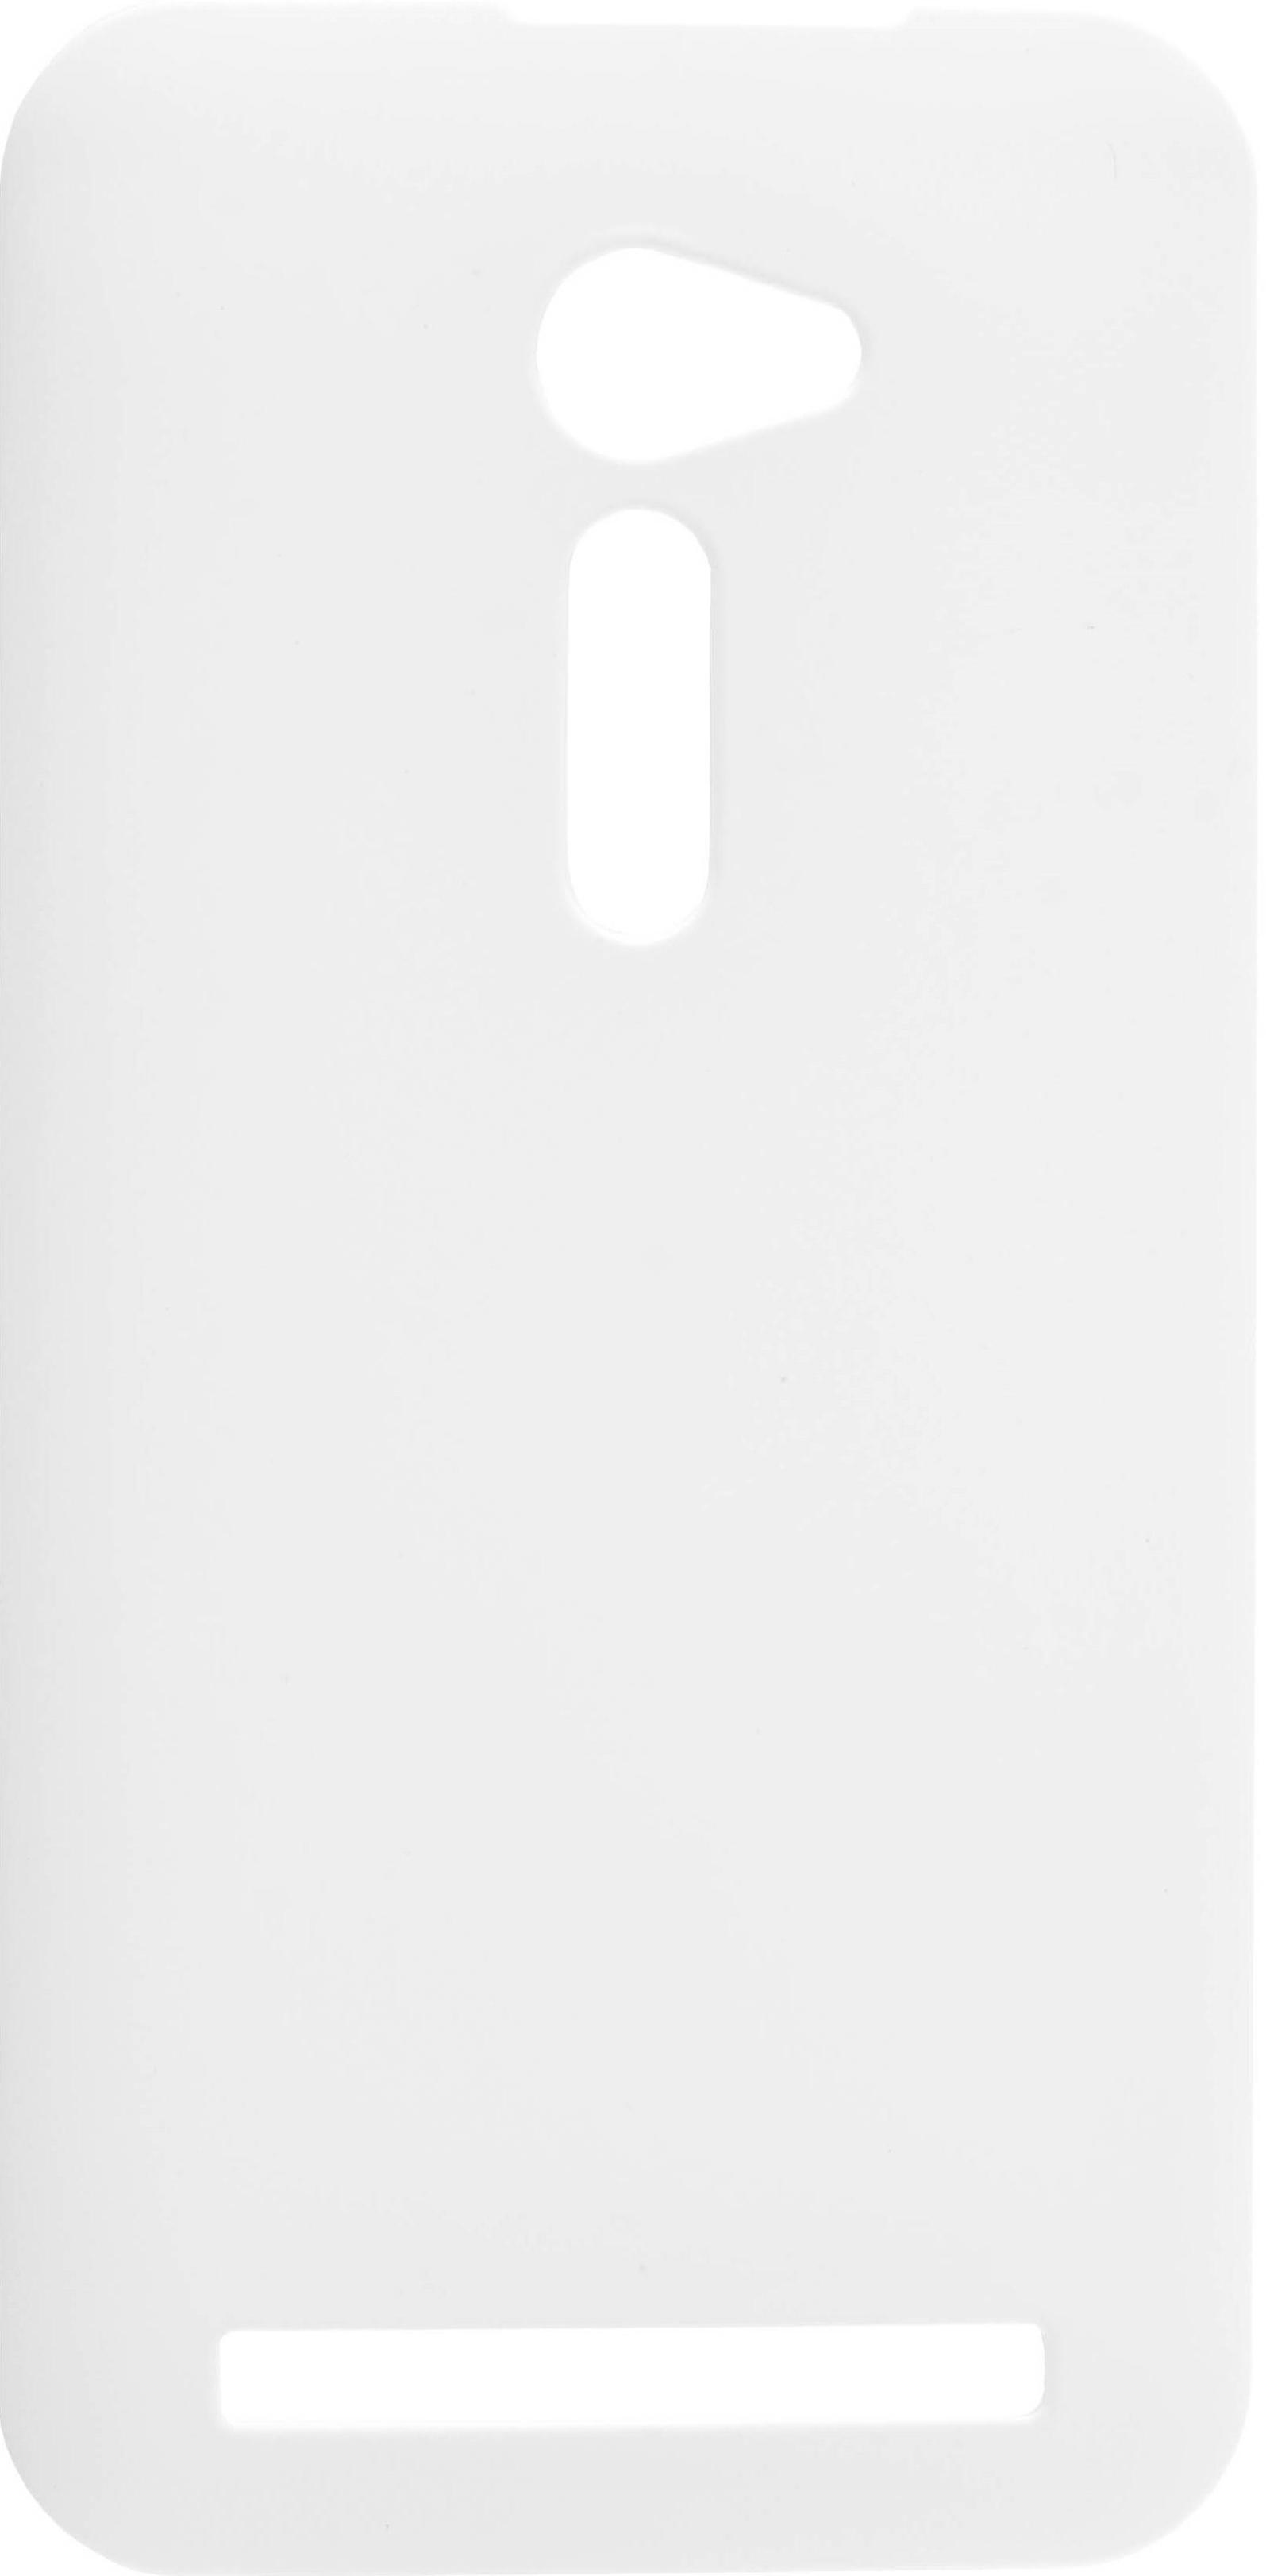 Чехол для сотового телефона skinBOX 4People, 4630042527164, белый все цены